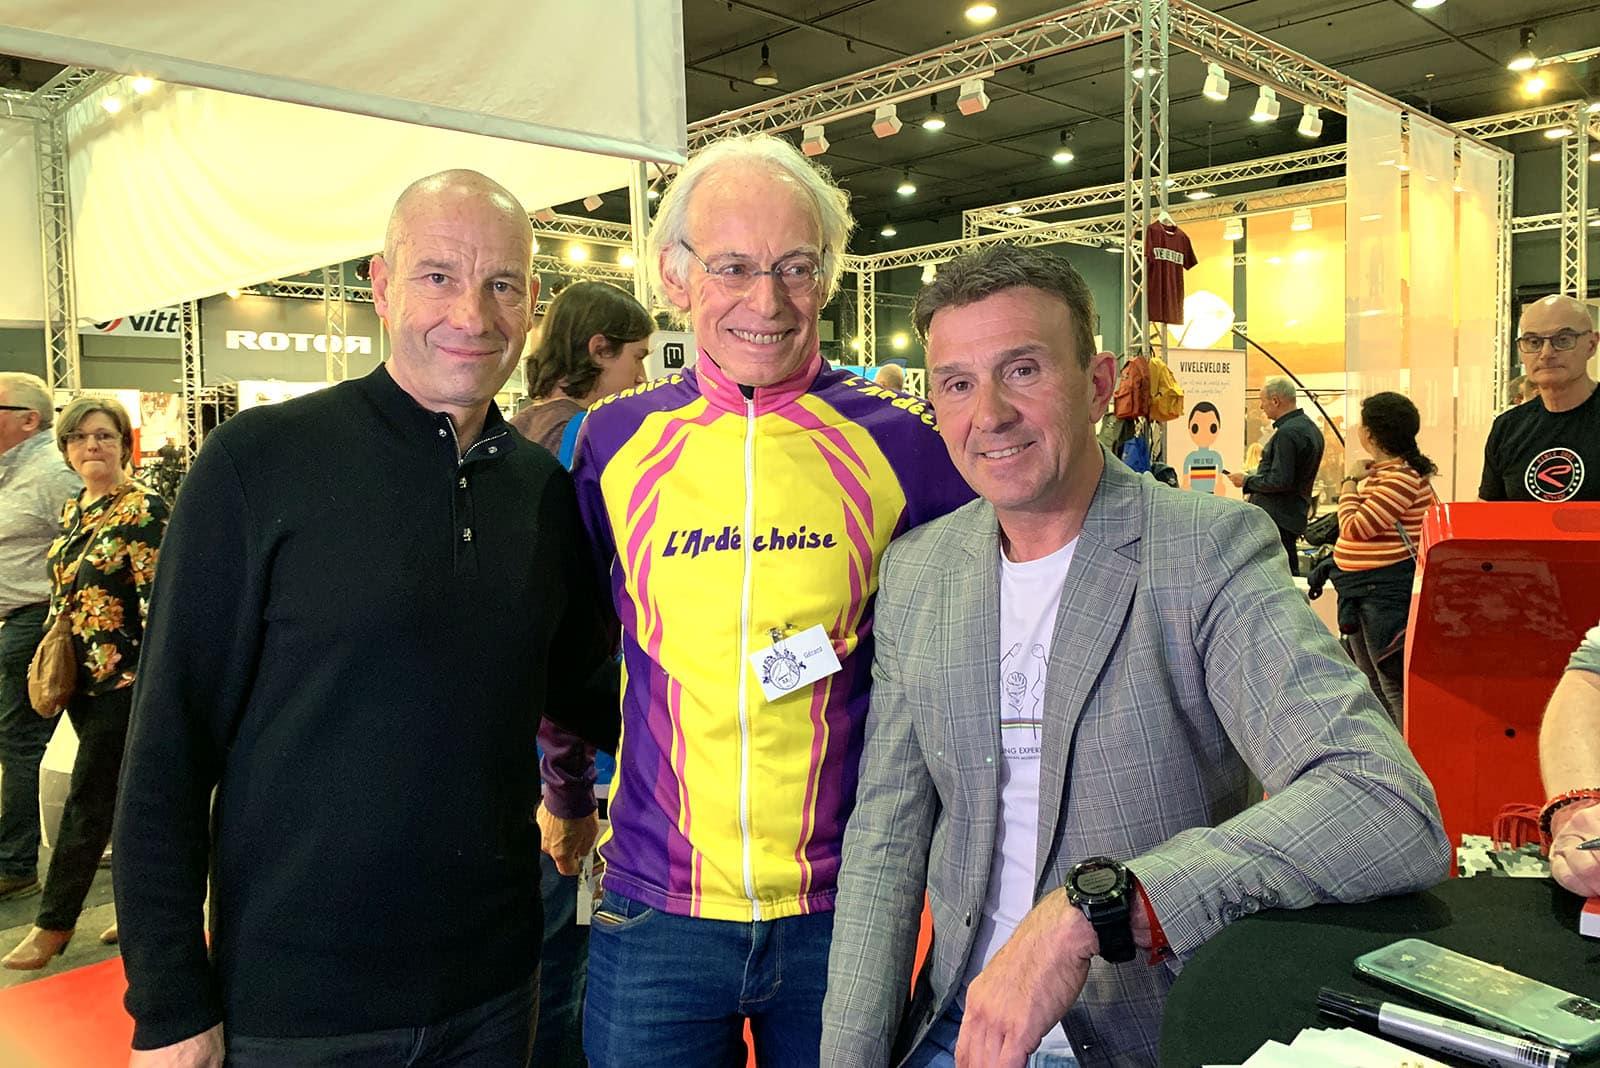 Ici aux côtés de Jean-Christophe Rattel et Johan Musseuw, Gérard Mistler vient d'annoncer l'annulation de l'Ardéchoise pour 2021.